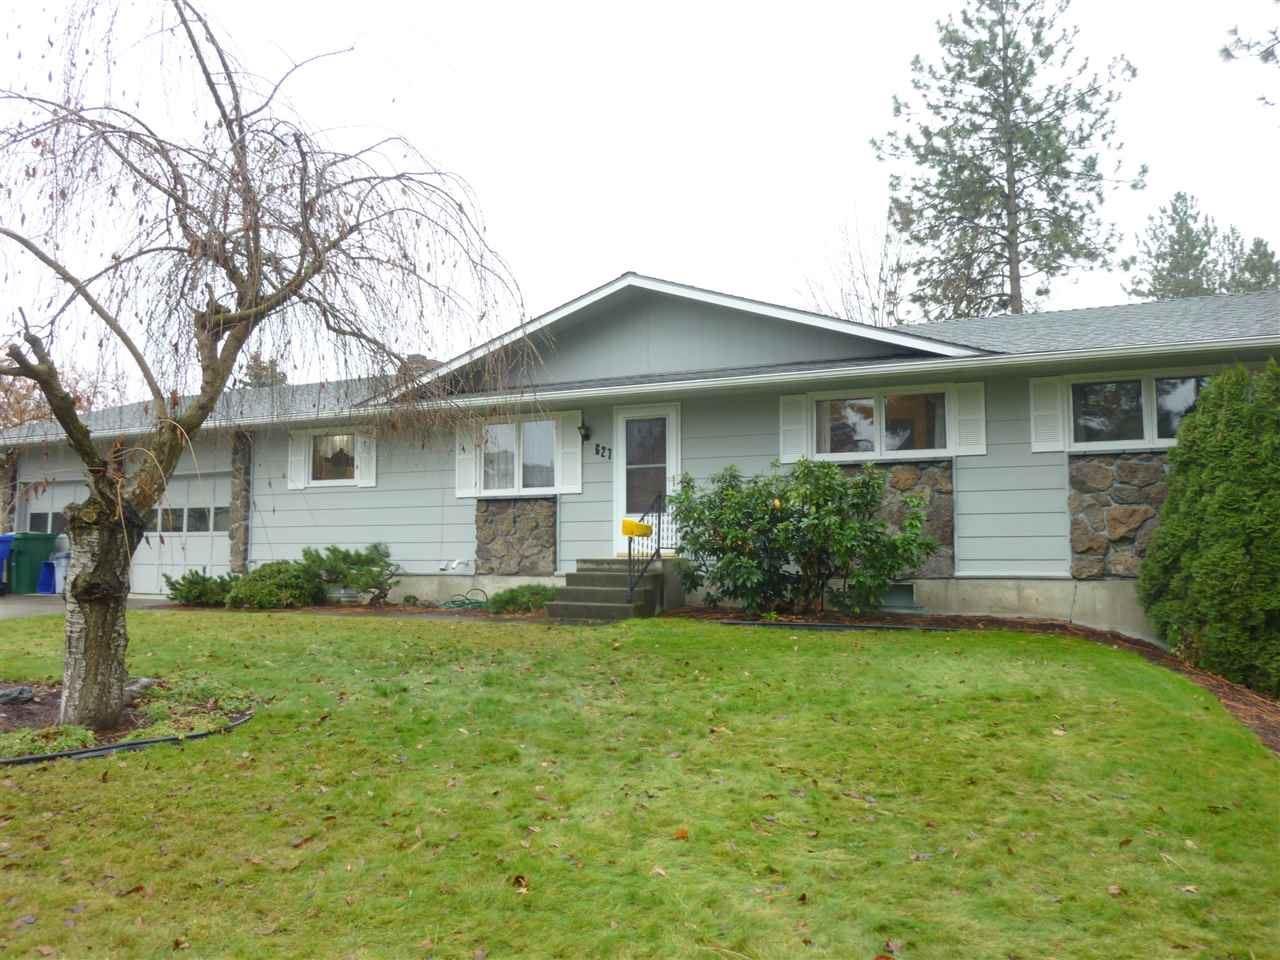 627 W Woodway Ave, Spokane, WA 99218-2657 - #: 202024937